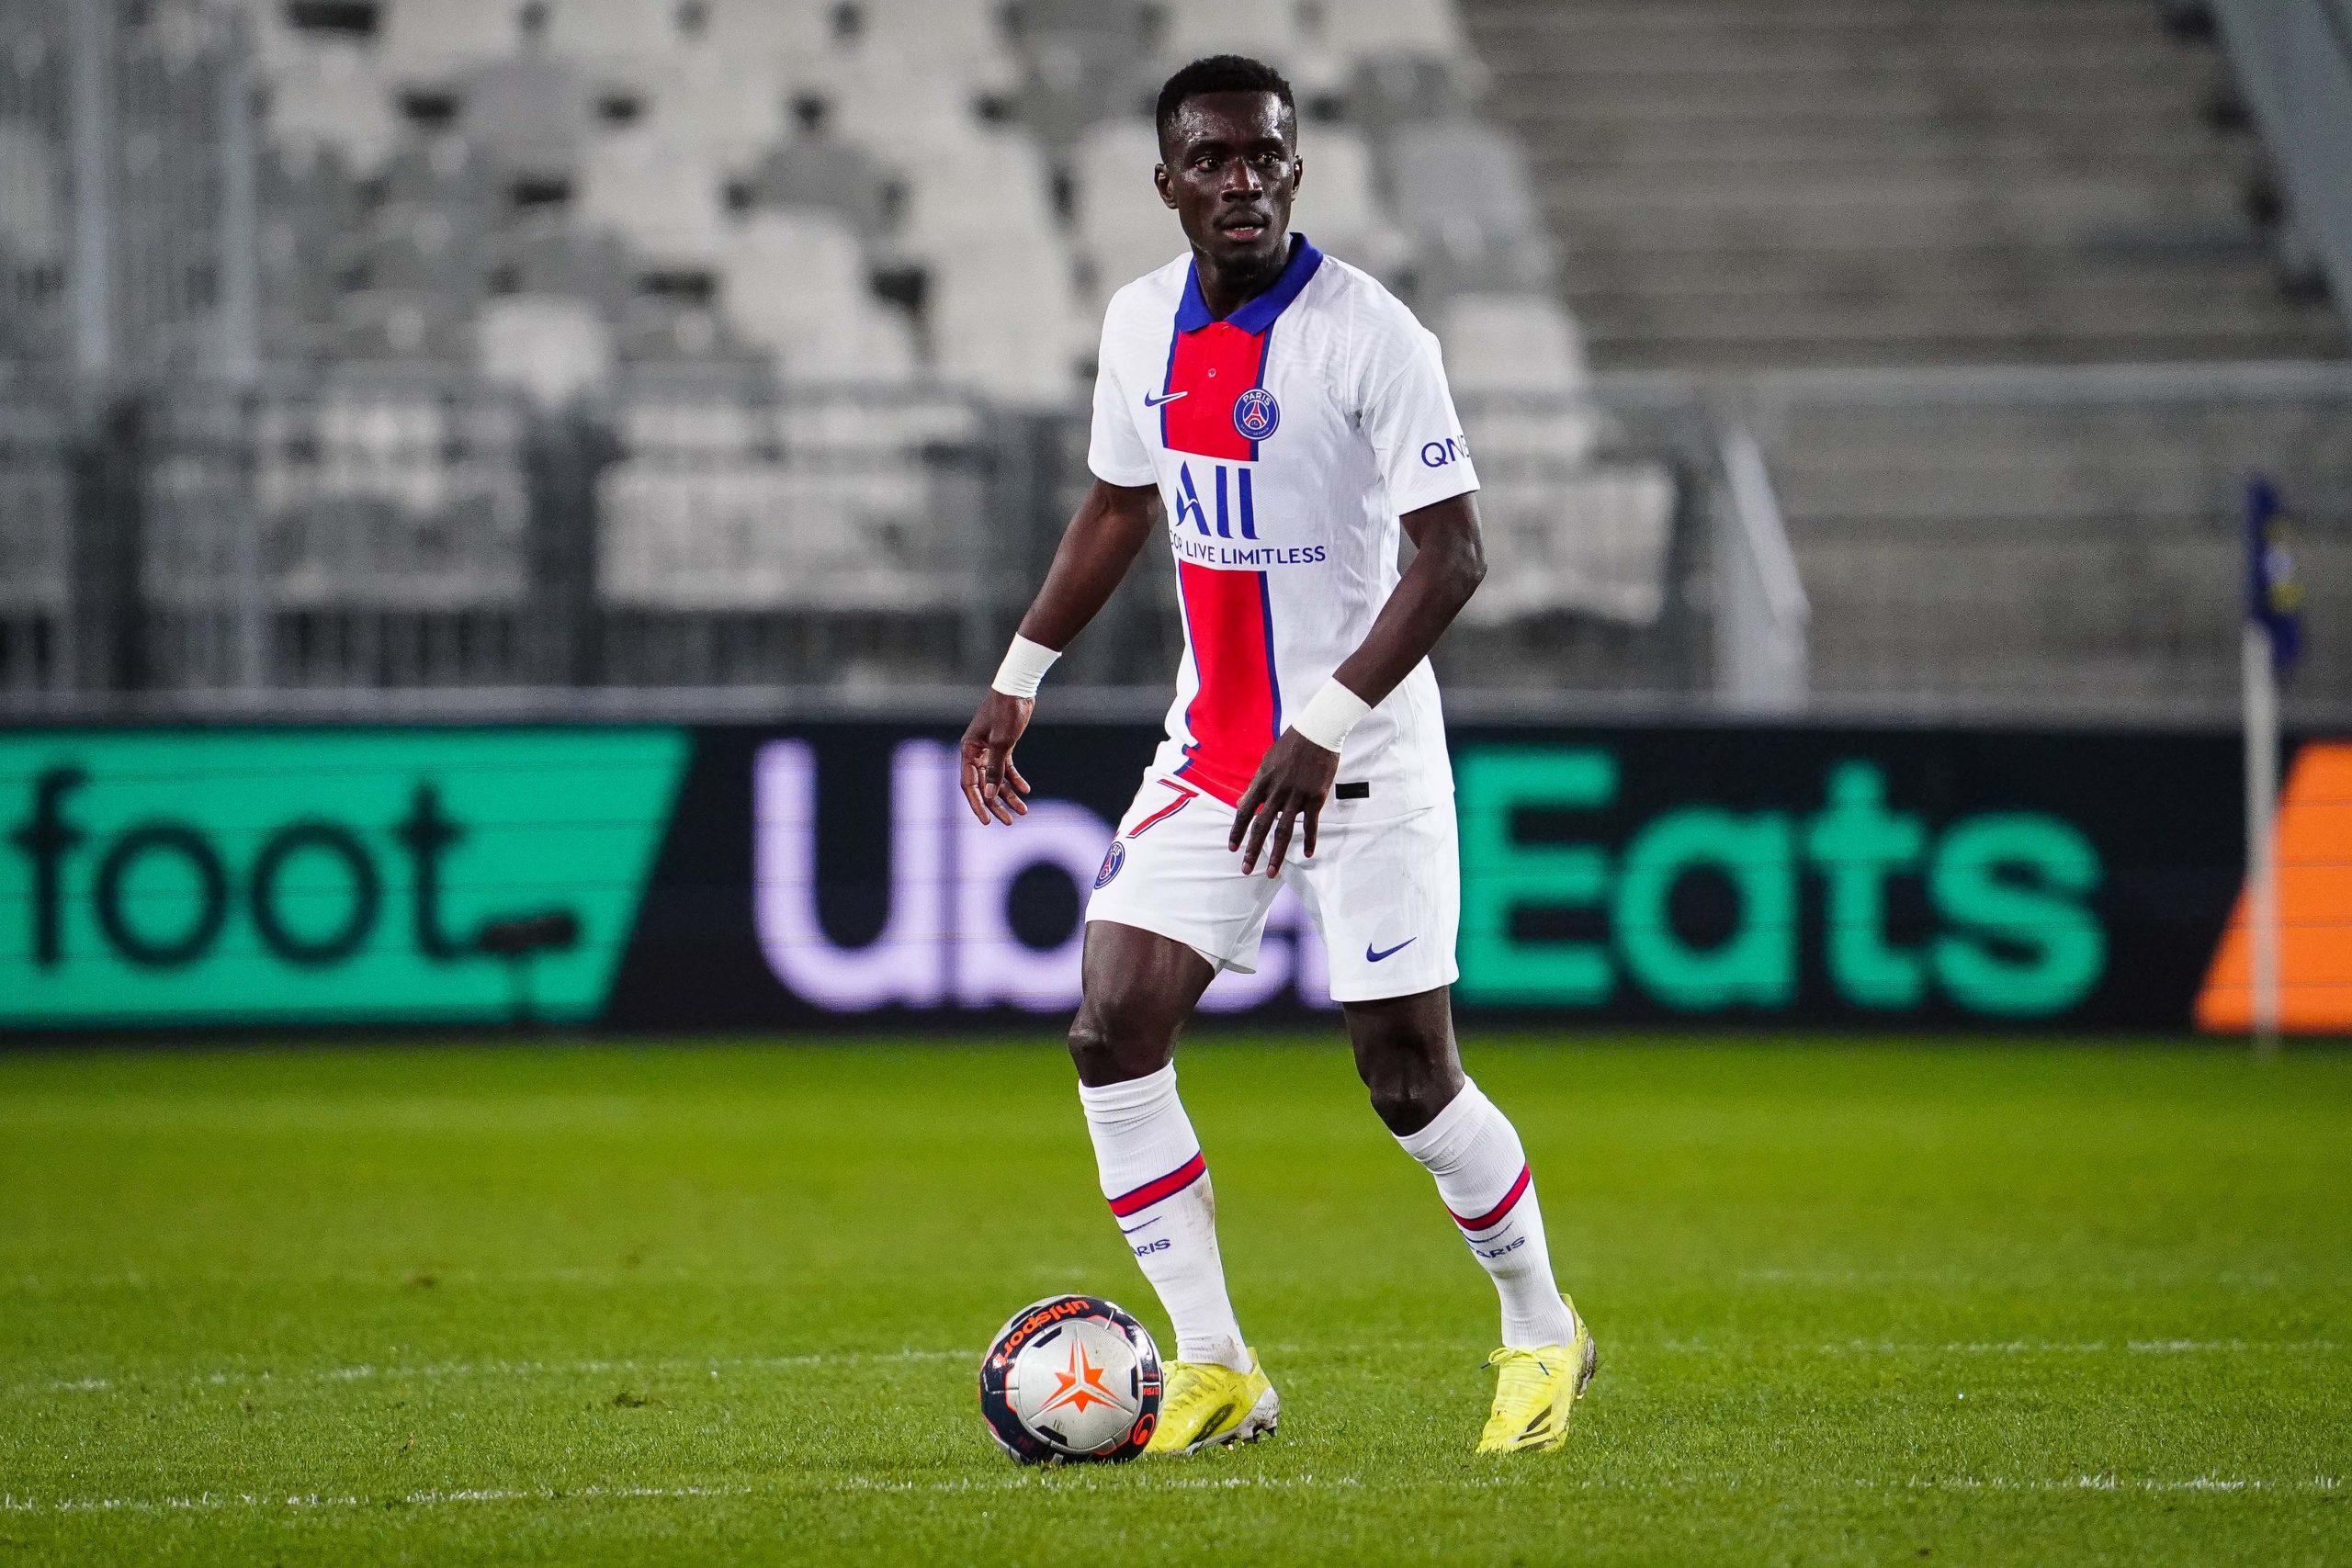 Lyon/PSG - L'équipe parisienne annoncée avec Gueye, Danilo et Kean